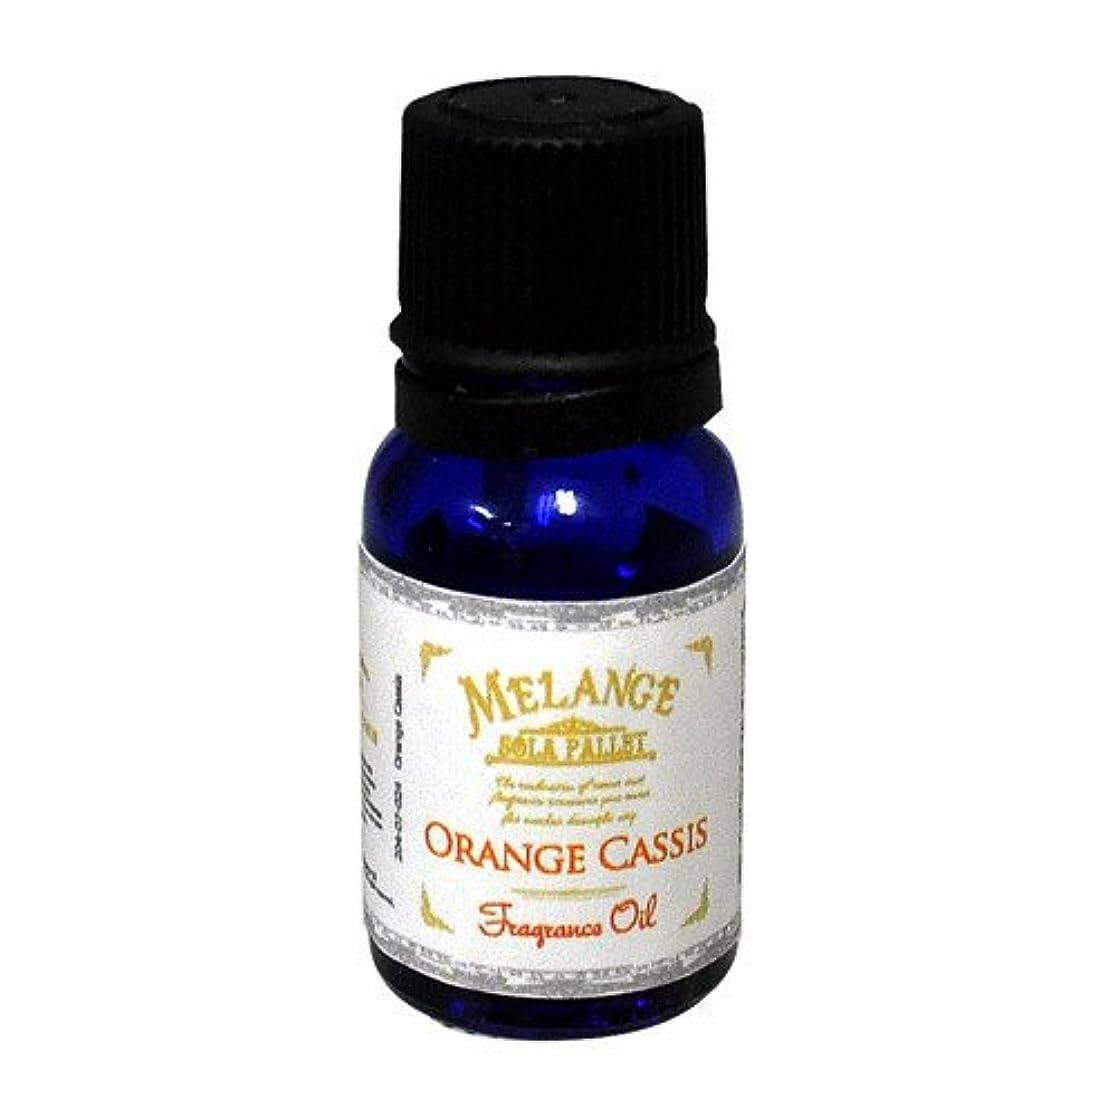 橋後方セクタSOLA PALLET MELANGE Fragrance Oil フレグランスオイル Orange Cassis オレンジカシス